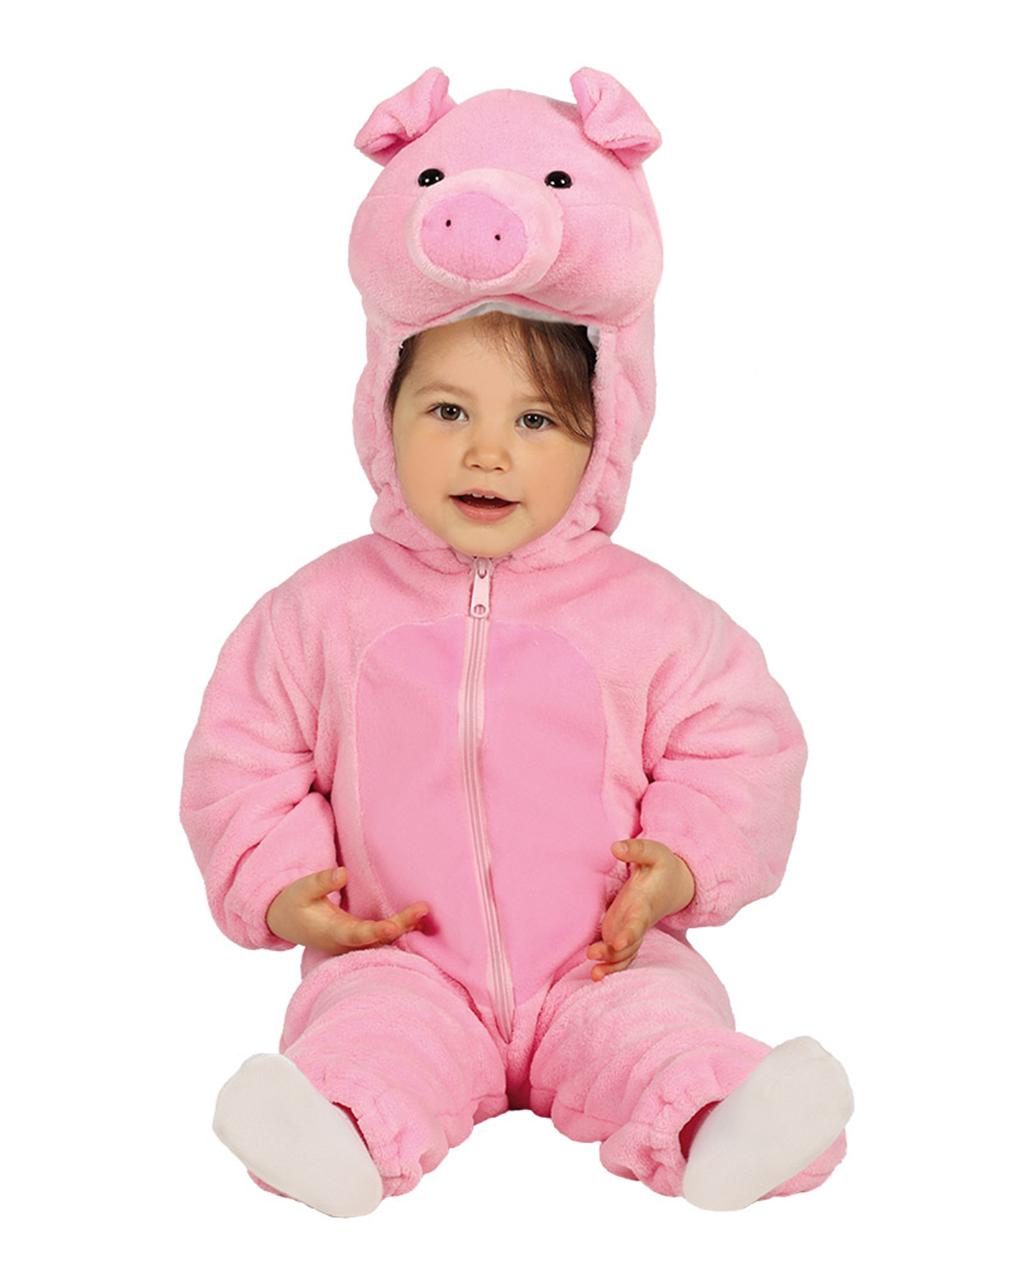 Schweinchen Baby Kostum Fur Karneval Horror Shop Com